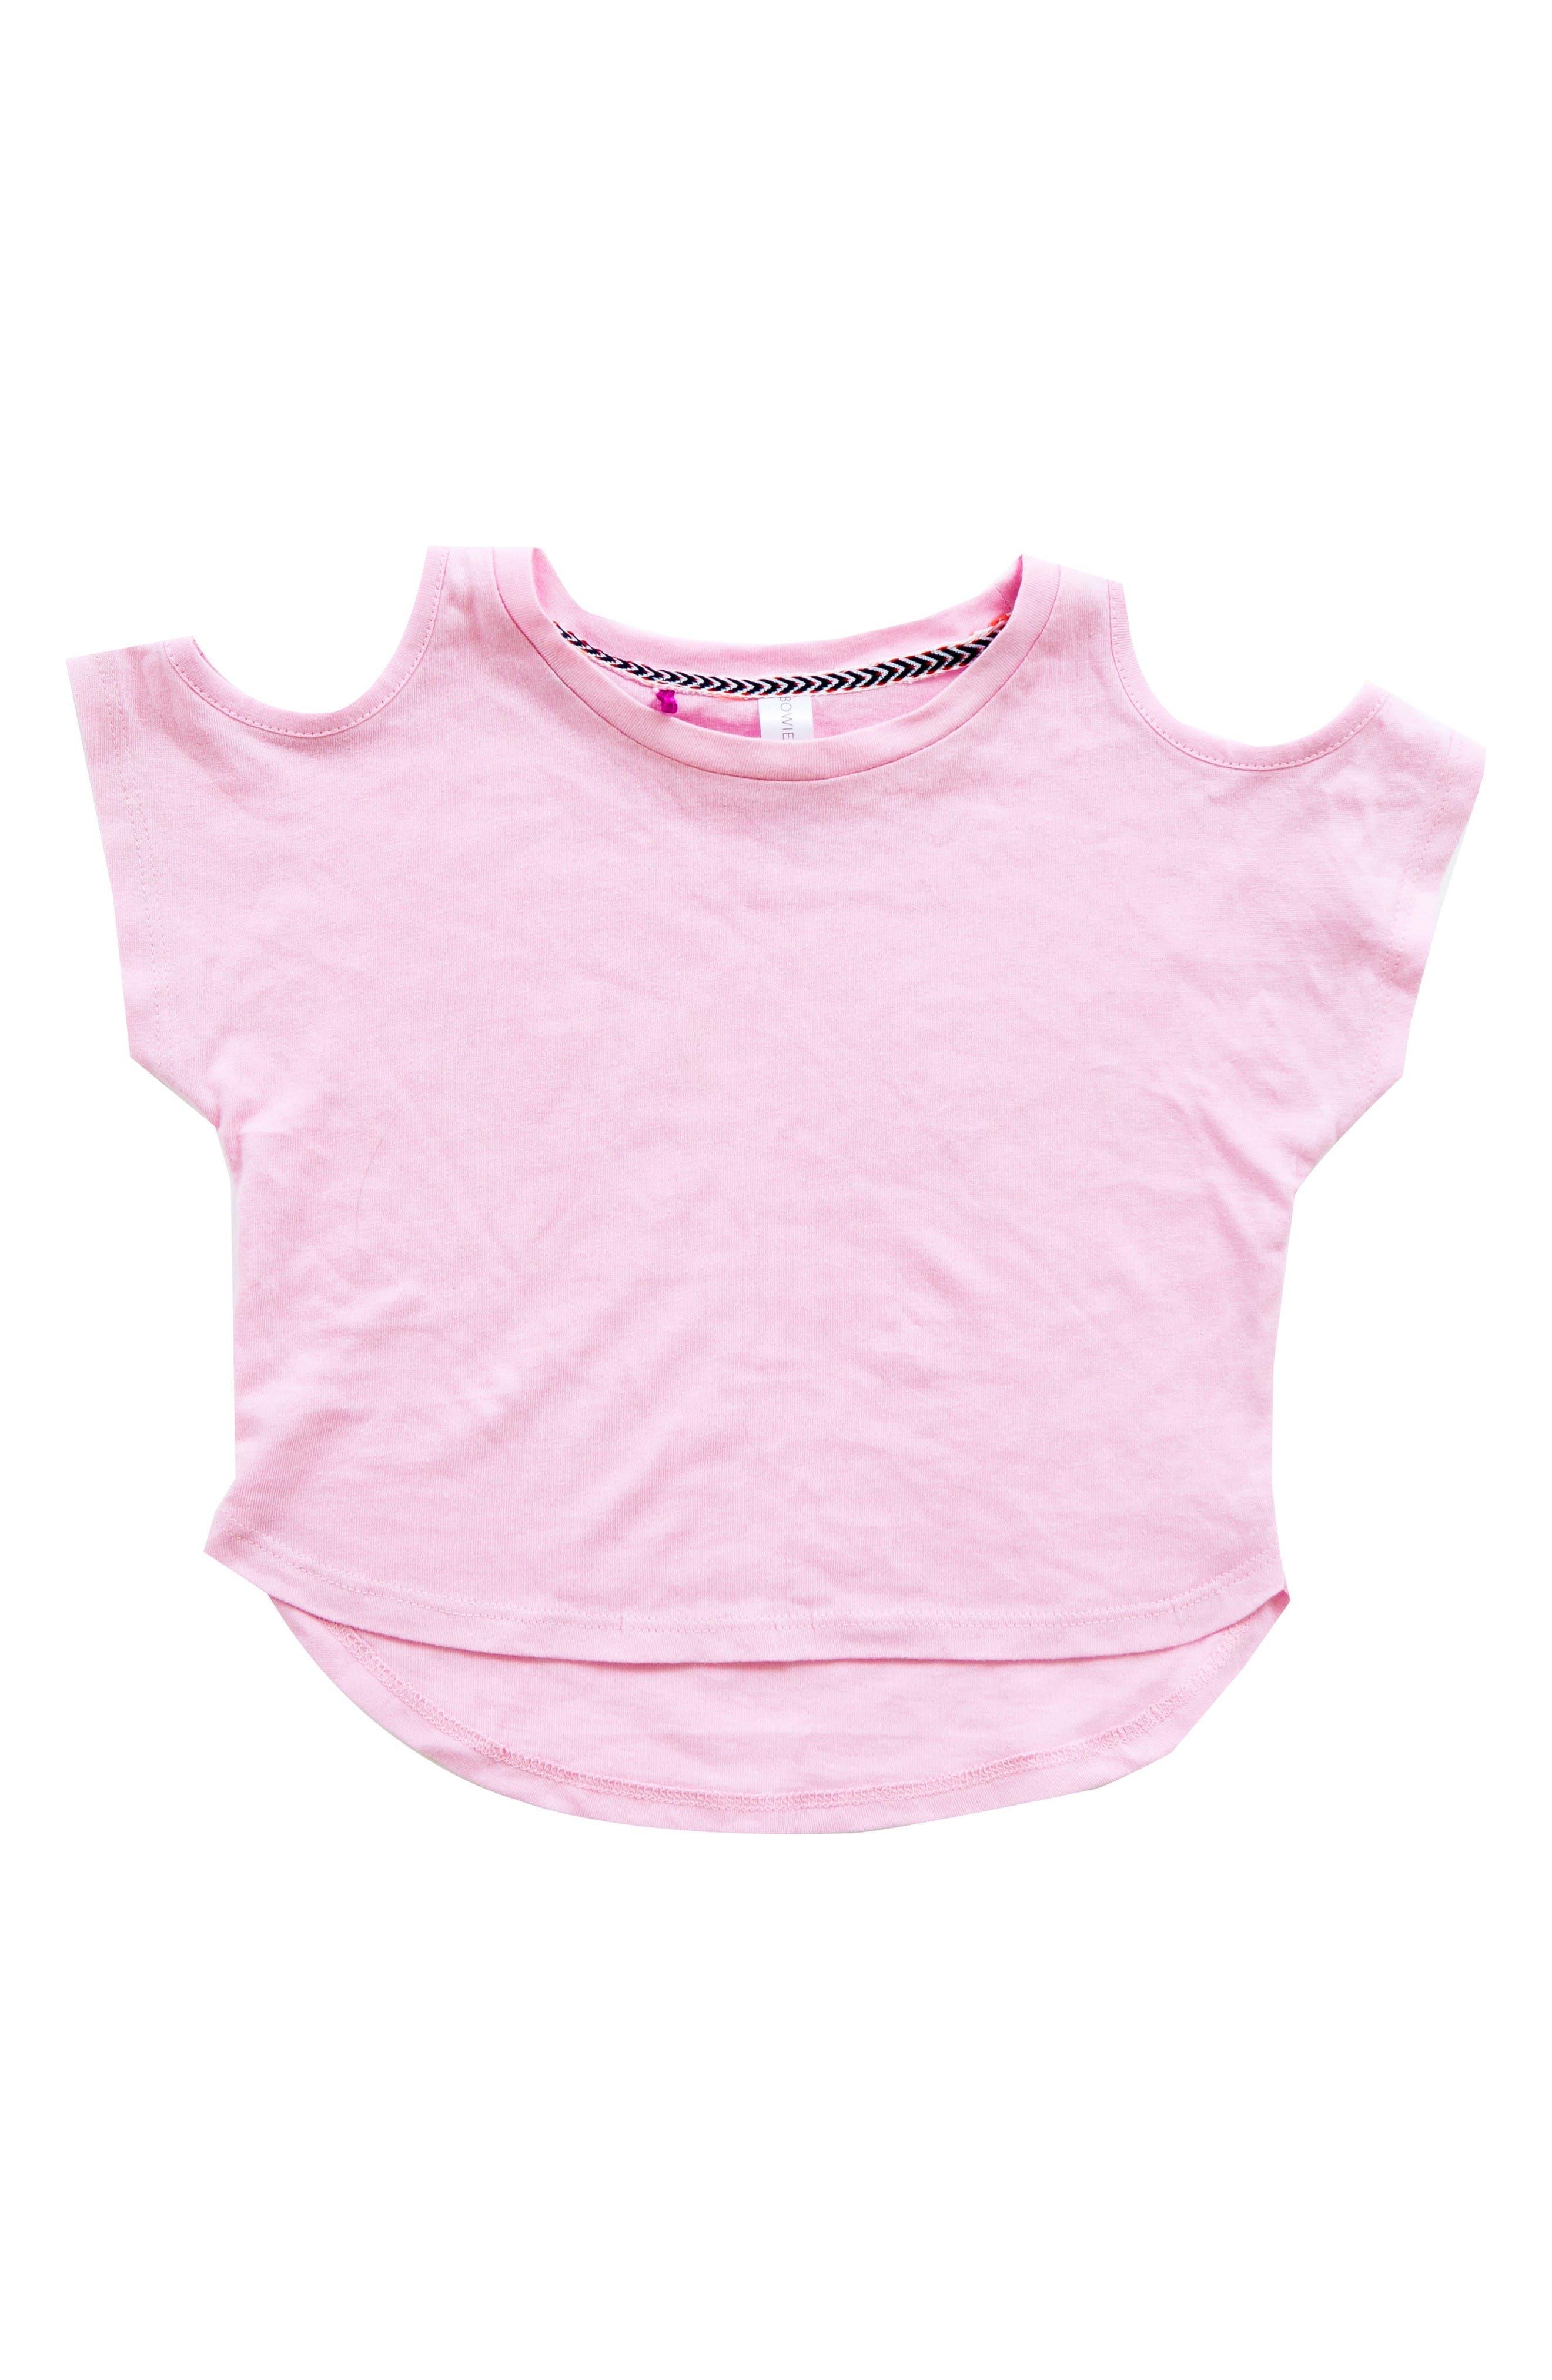 Bowie James Oasis Cold Shoulder Tee (Toddler Girls, Little Girls & Big Girls)